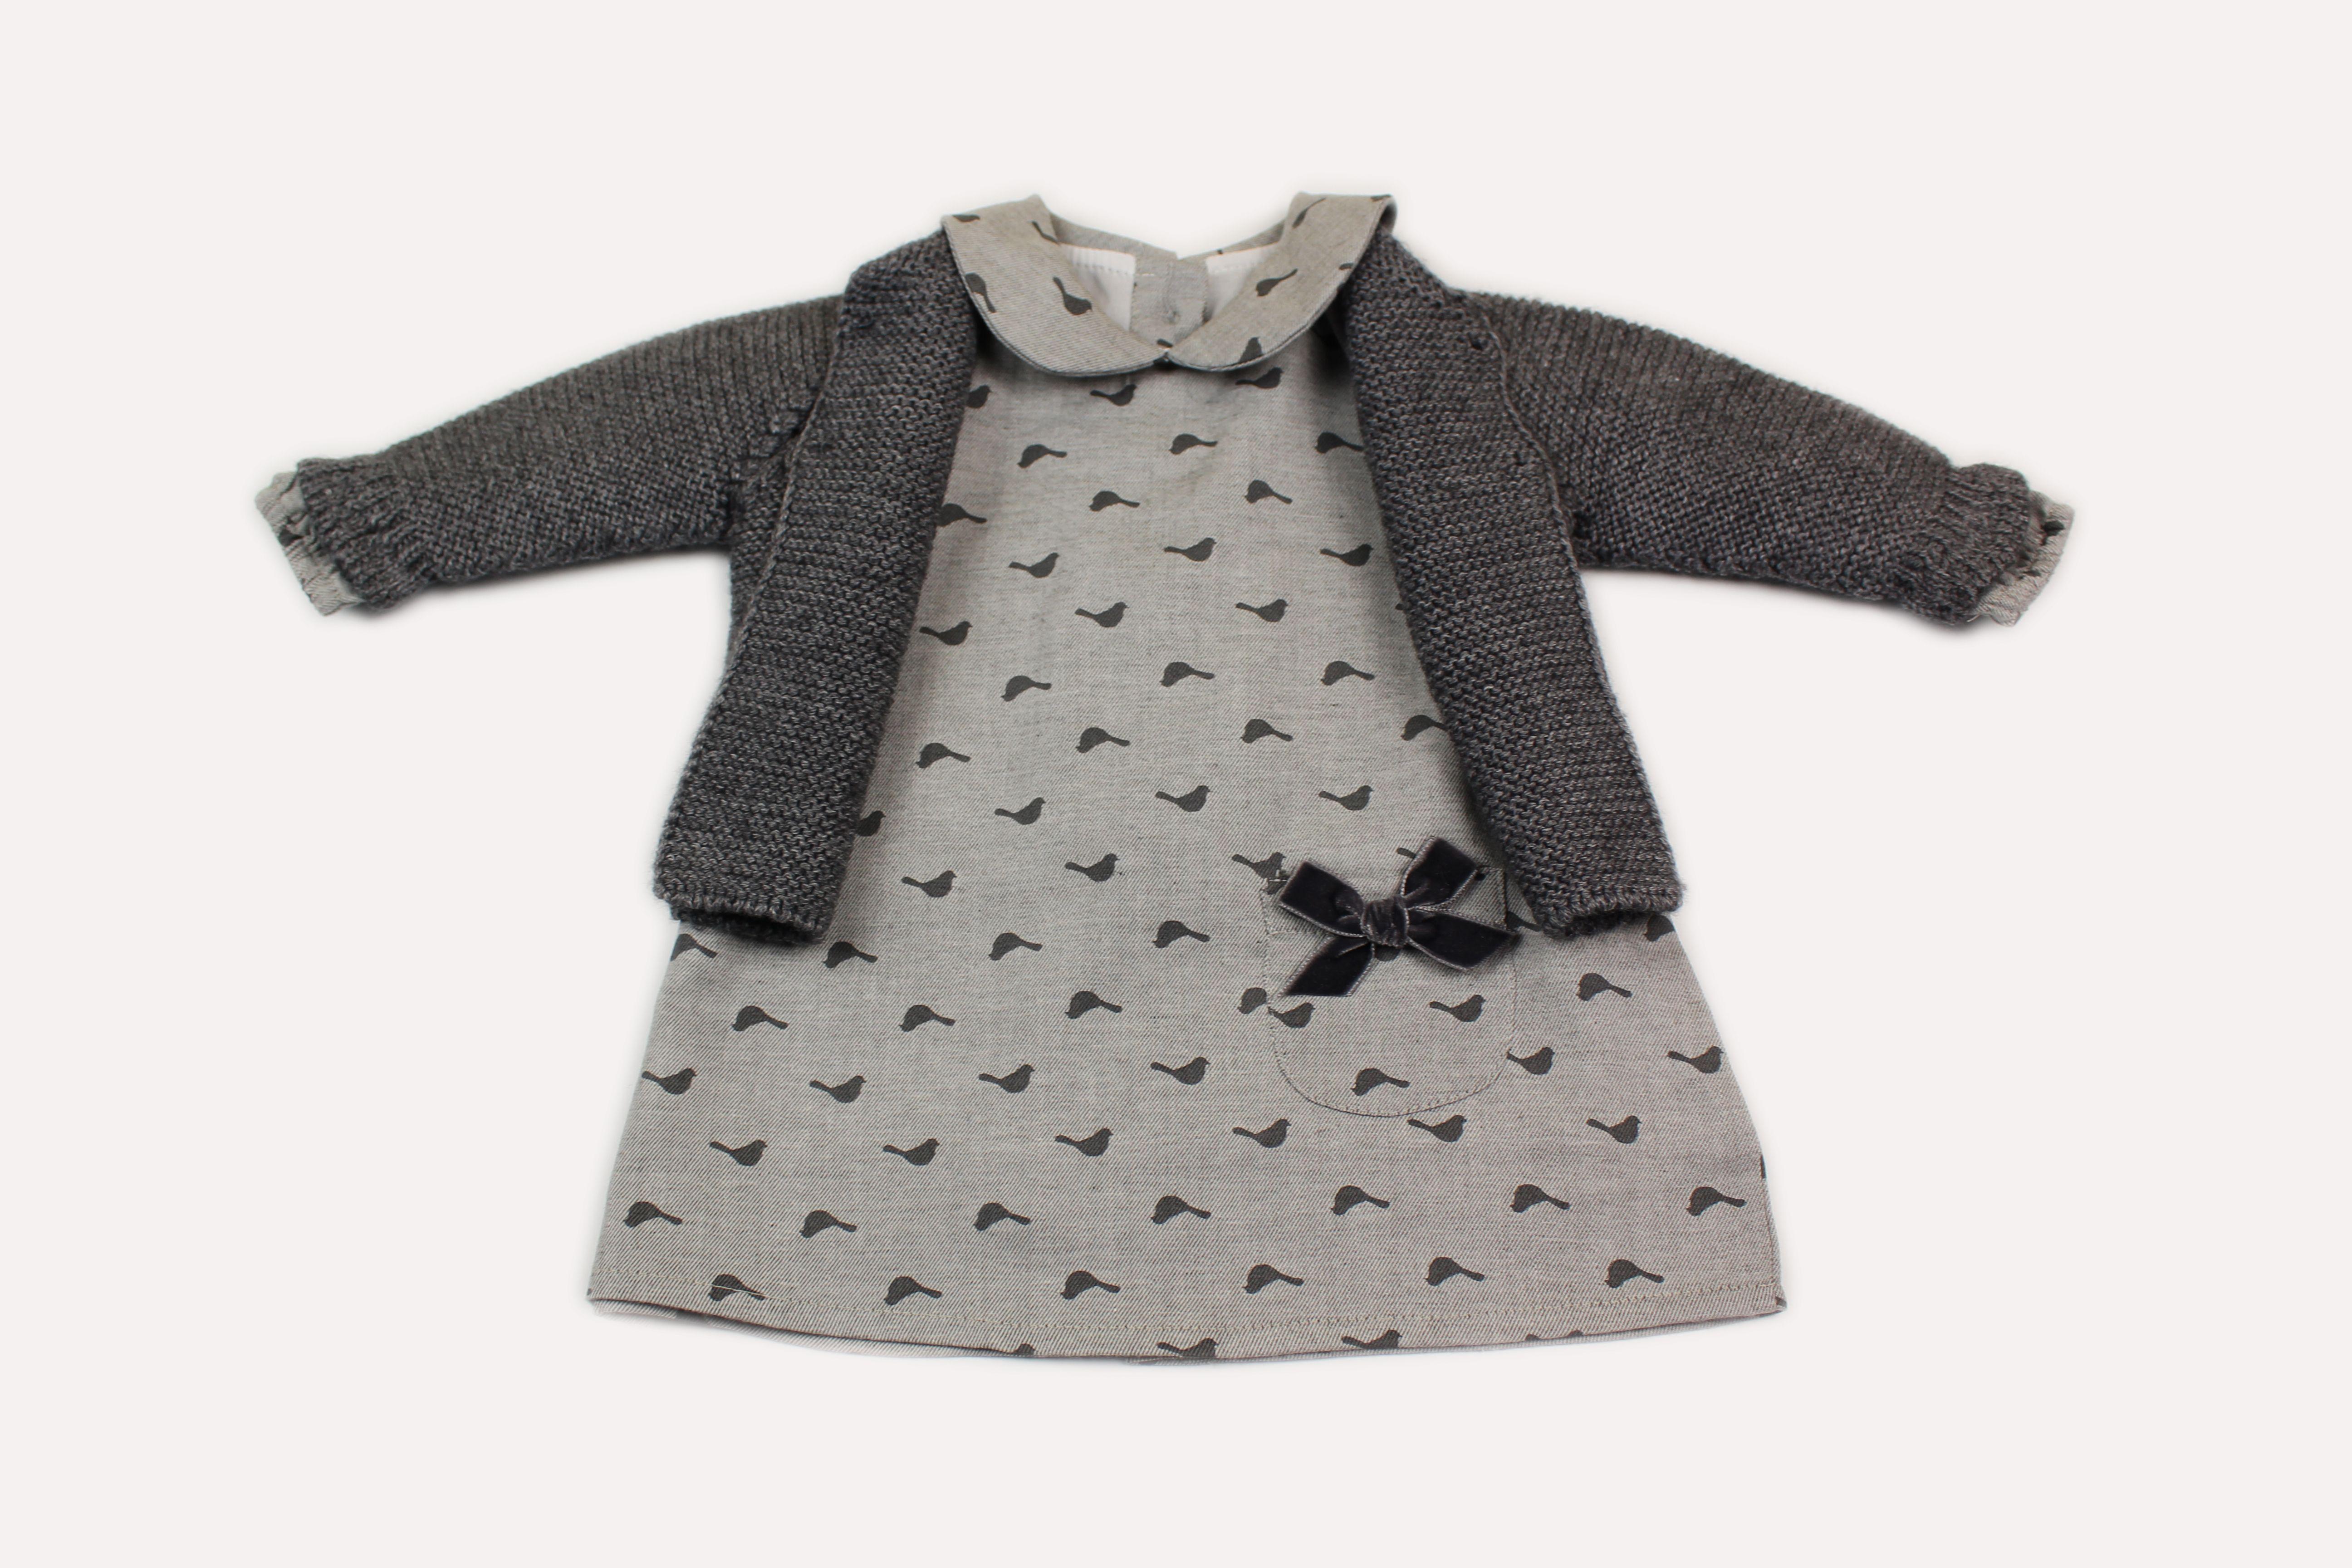 Dieses Outfit enthält ein grau gemustertes Kleid und eine ...